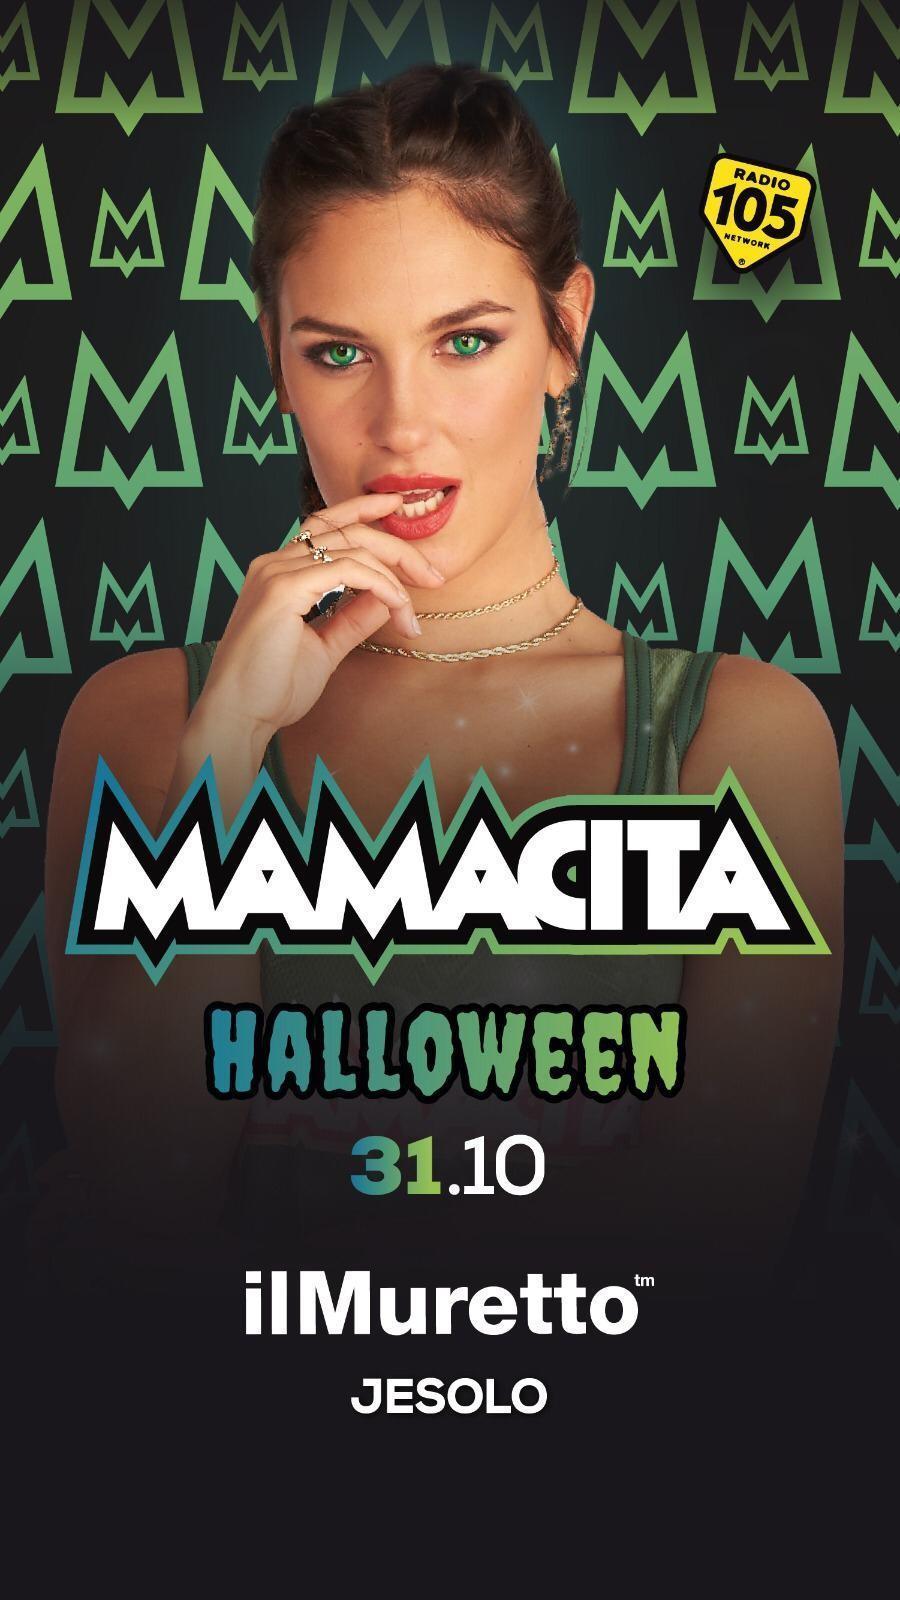 Halloween muretto mamacita